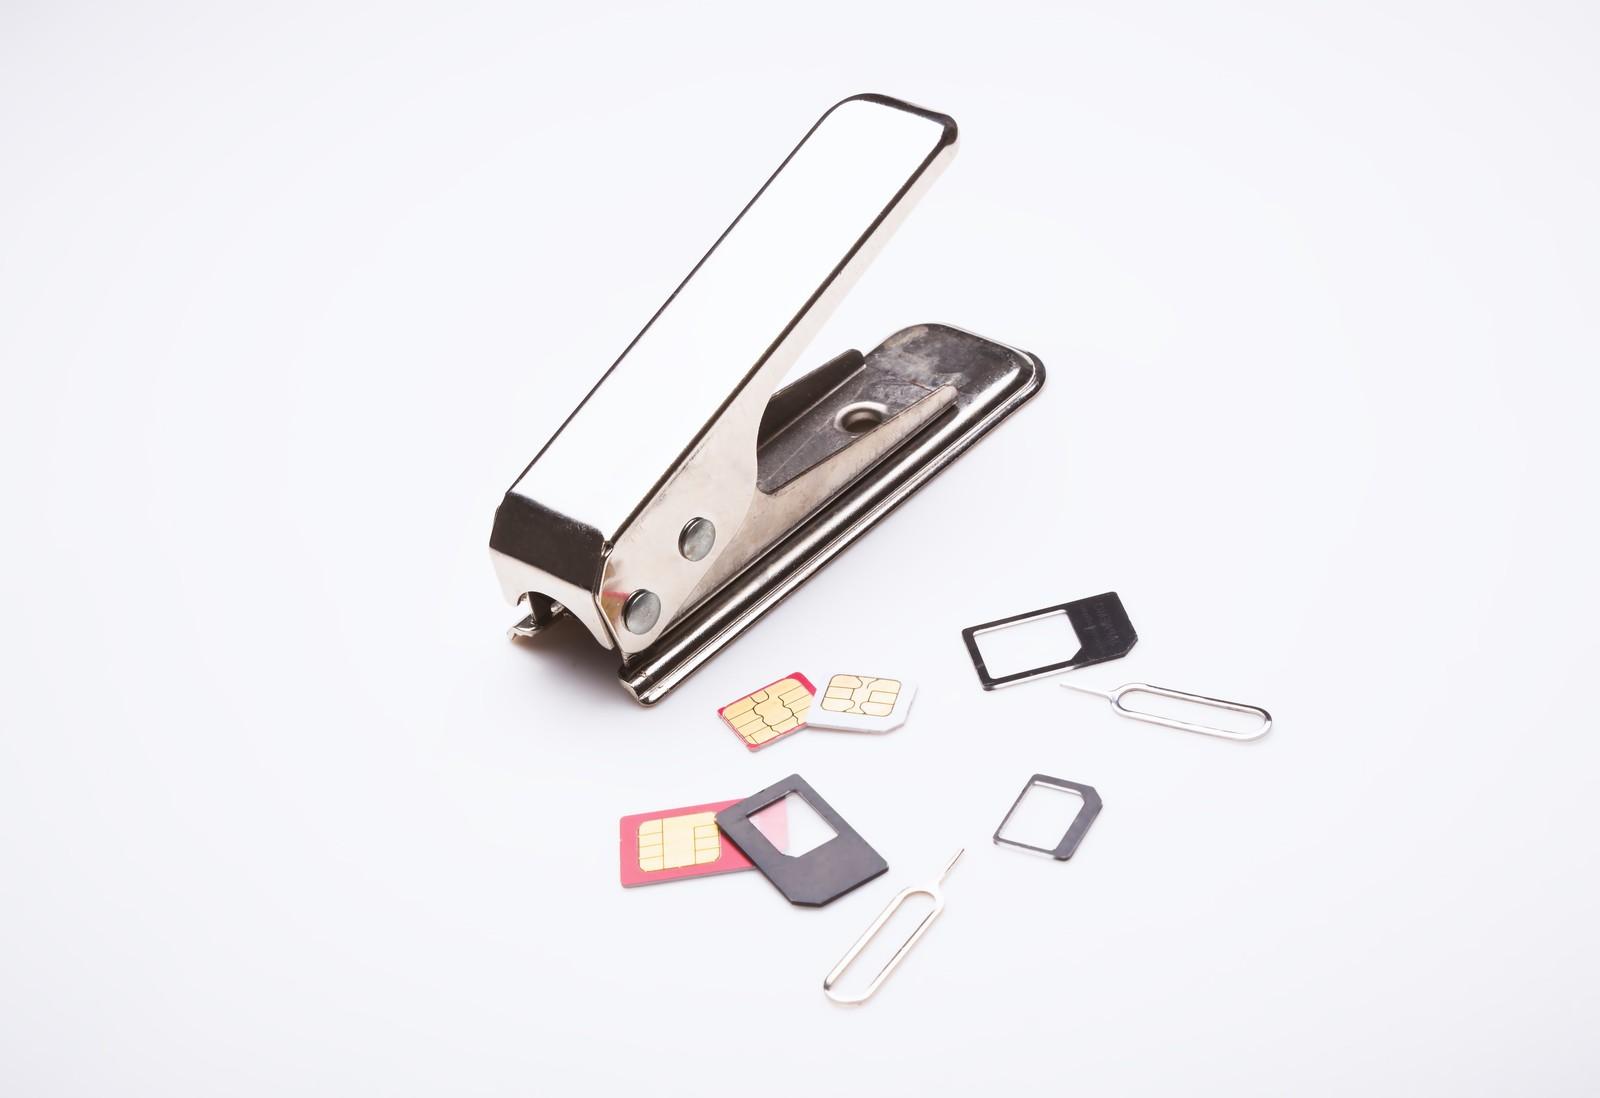 SIMフリー携帯が便利すぎるFORワーホリメーカー